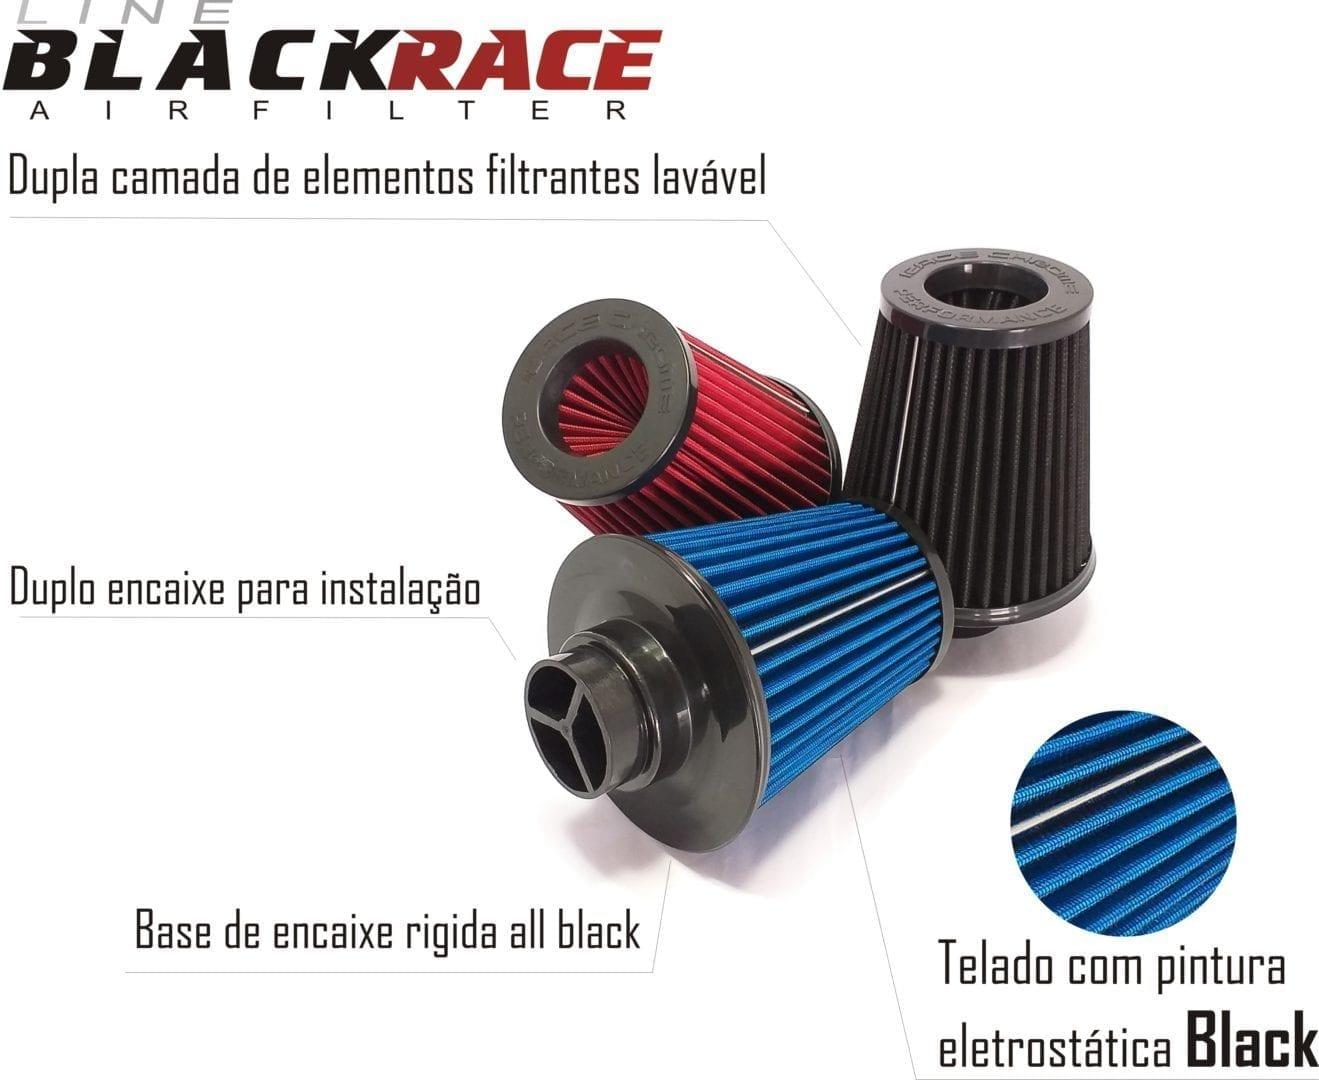 Filtro De Ar Duplo Fluxo Esportivo Black Race Chrome